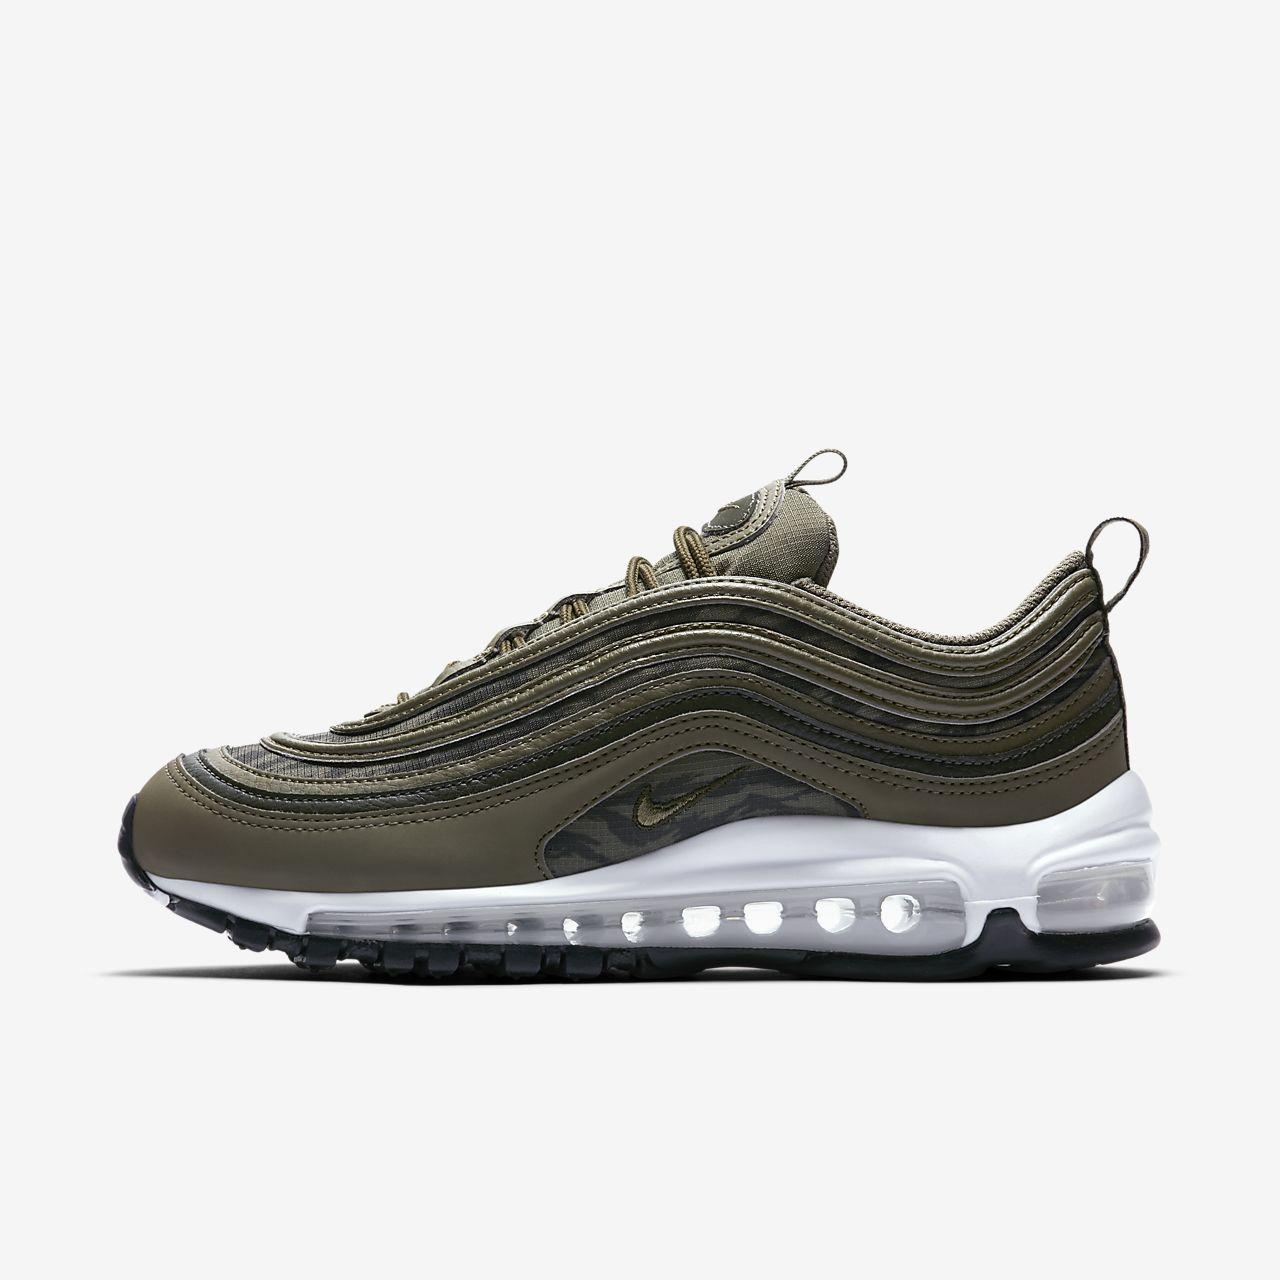 Chaussures Nike Air Max marron garçon